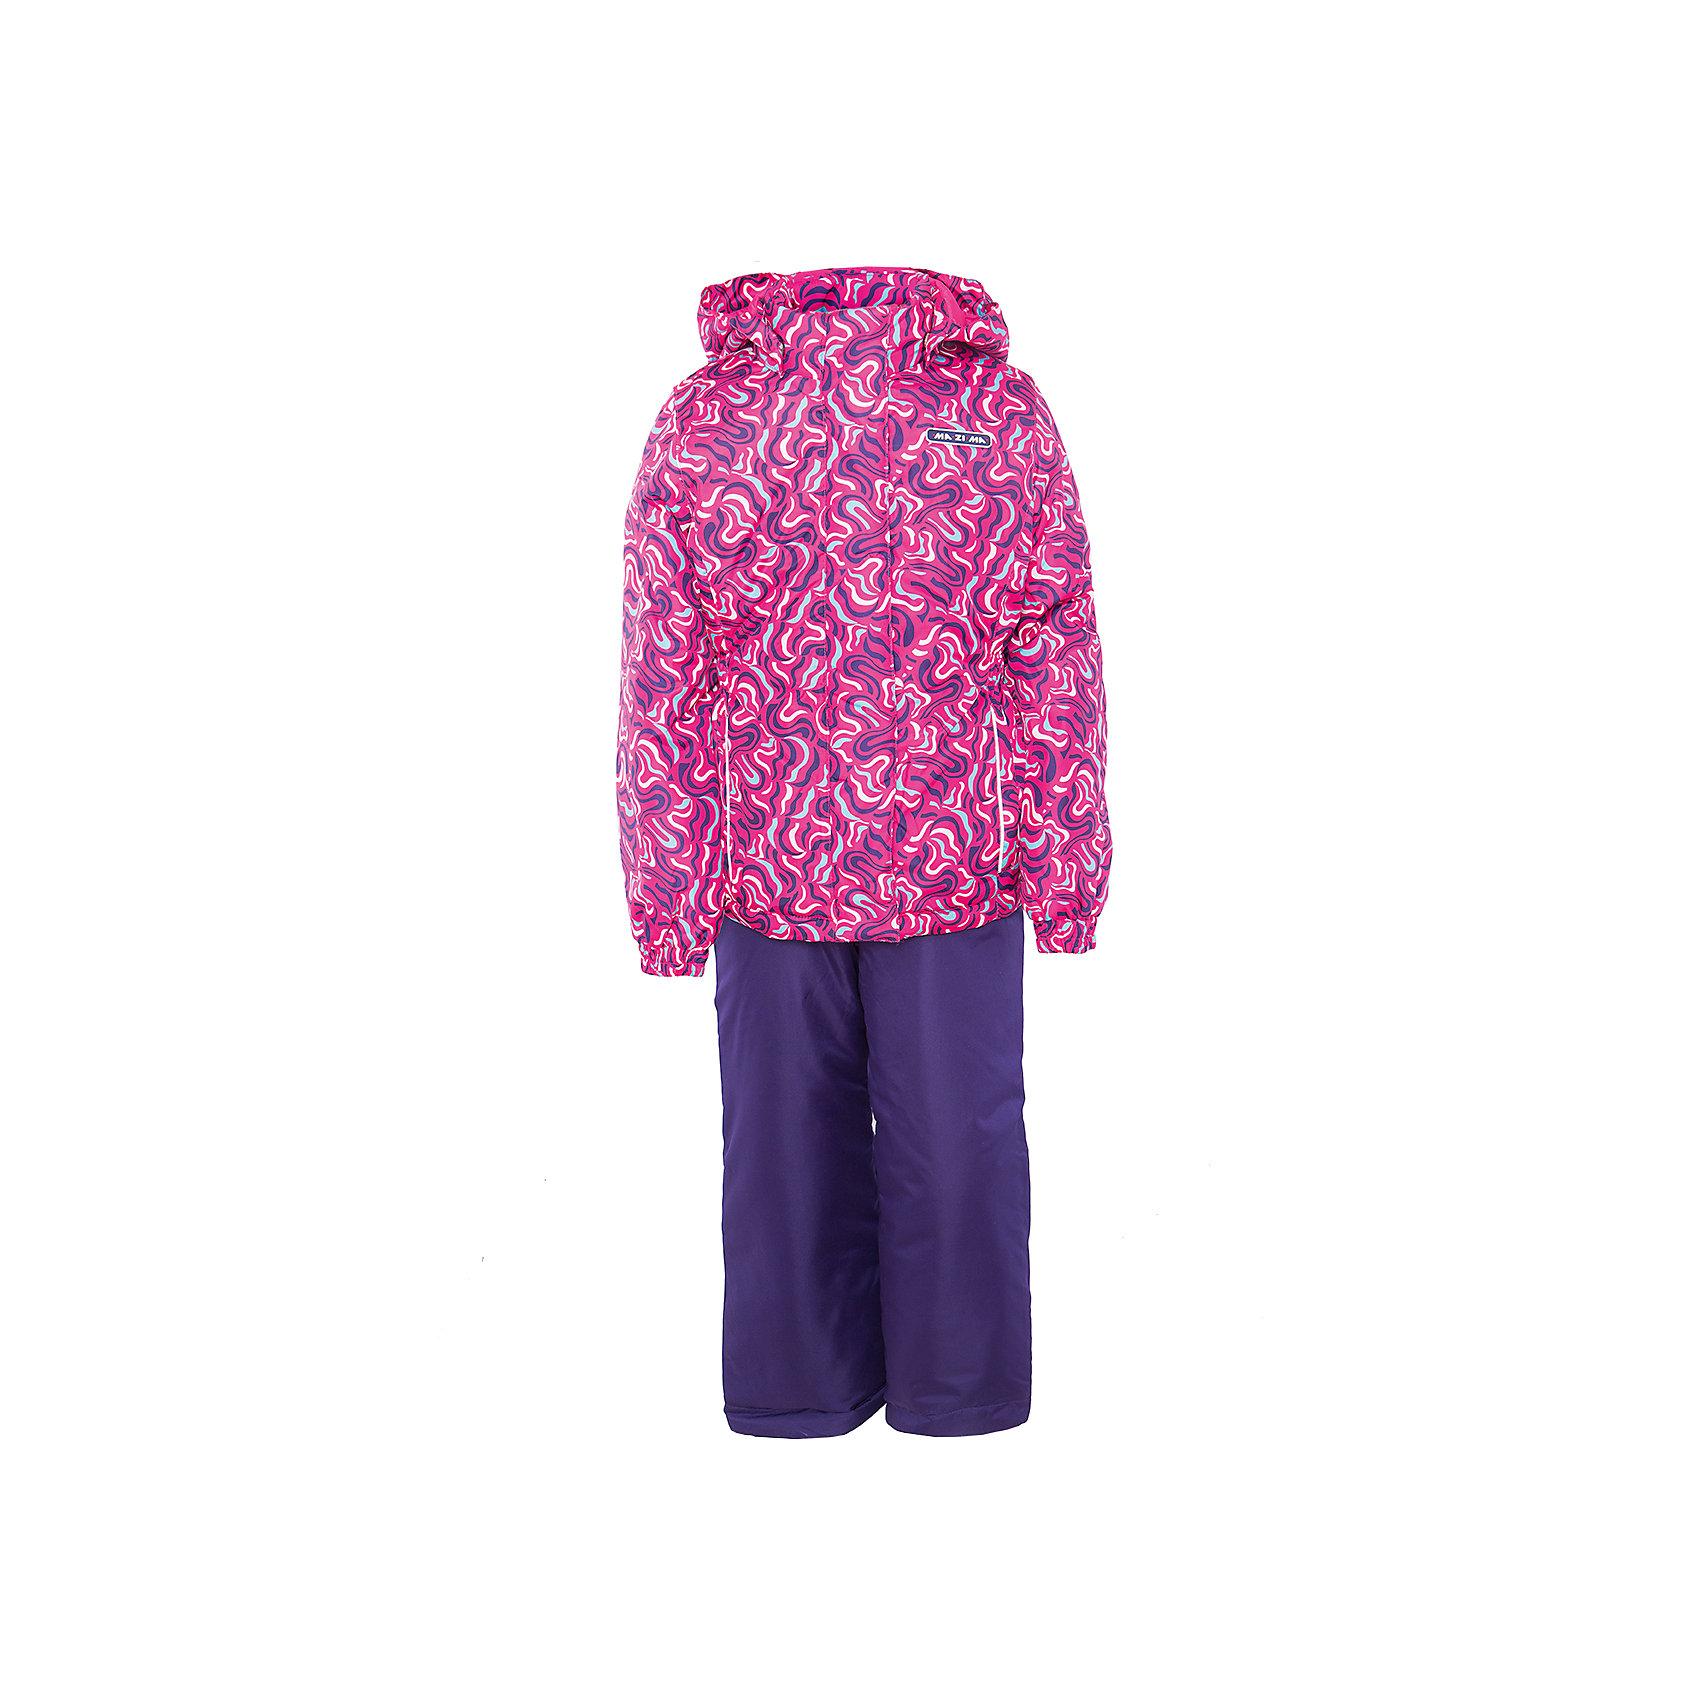 Комплект: куртка и полукомбинезон для девочки Ma-Zi-MaВерхняя одежда<br>Характеристики товара:<br><br>• цвет: розовый/фиолетовый<br>• состав: полиэстер 3000мм/3000г/м2/24h<br>• подкладка: Taffeta <br>• утеплитель - полиэстер (120г/м2)<br>• светоотражающие элементы<br>• температурный режим: от -5°С до +10°С<br>• застежка - молния<br>• капюшон съемный<br>• принт<br>• ветронепроницаемый, водо- и грязеотталкивающий и дышащий материал<br>• эластичные манжеты<br>• регулируемые подтяжки<br>• комфортная посадка<br>• страна бренда: Российская Федерация<br><br>Демисезонный комплект из куртки и брюк - универсальный вариант и для прохладной осени, и для первых заморозков. Эта модель - модная и удобная одновременно! Куртка отличается стильным ярким дизайном. Комплект хорошо сидит по фигуре, отлично сочетается с различной обувью. Вещь была разработана специально для детей.<br><br>Одежда от российского бренда Ma-Zi-Ma создается при участии канадских специалистов. Она уже завоевала популярностью у многих детей и их родителей. Вещи, выпускаемые компанией, качественные, продуманные и очень удобные. Для производства коллекций используются только безопасные для детей материалы.<br><br>Комплект: куртка и полукомбинезон для девочки от бренда Ma-Zi-Ma можно купить в нашем интернет-магазине.<br><br>Ширина мм: 356<br>Глубина мм: 10<br>Высота мм: 245<br>Вес г: 519<br>Цвет: розовый<br>Возраст от месяцев: 36<br>Возраст до месяцев: 48<br>Пол: Женский<br>Возраст: Детский<br>Размер: 104,110,116,122,128,134,140,146,152,92,98<br>SKU: 5383951